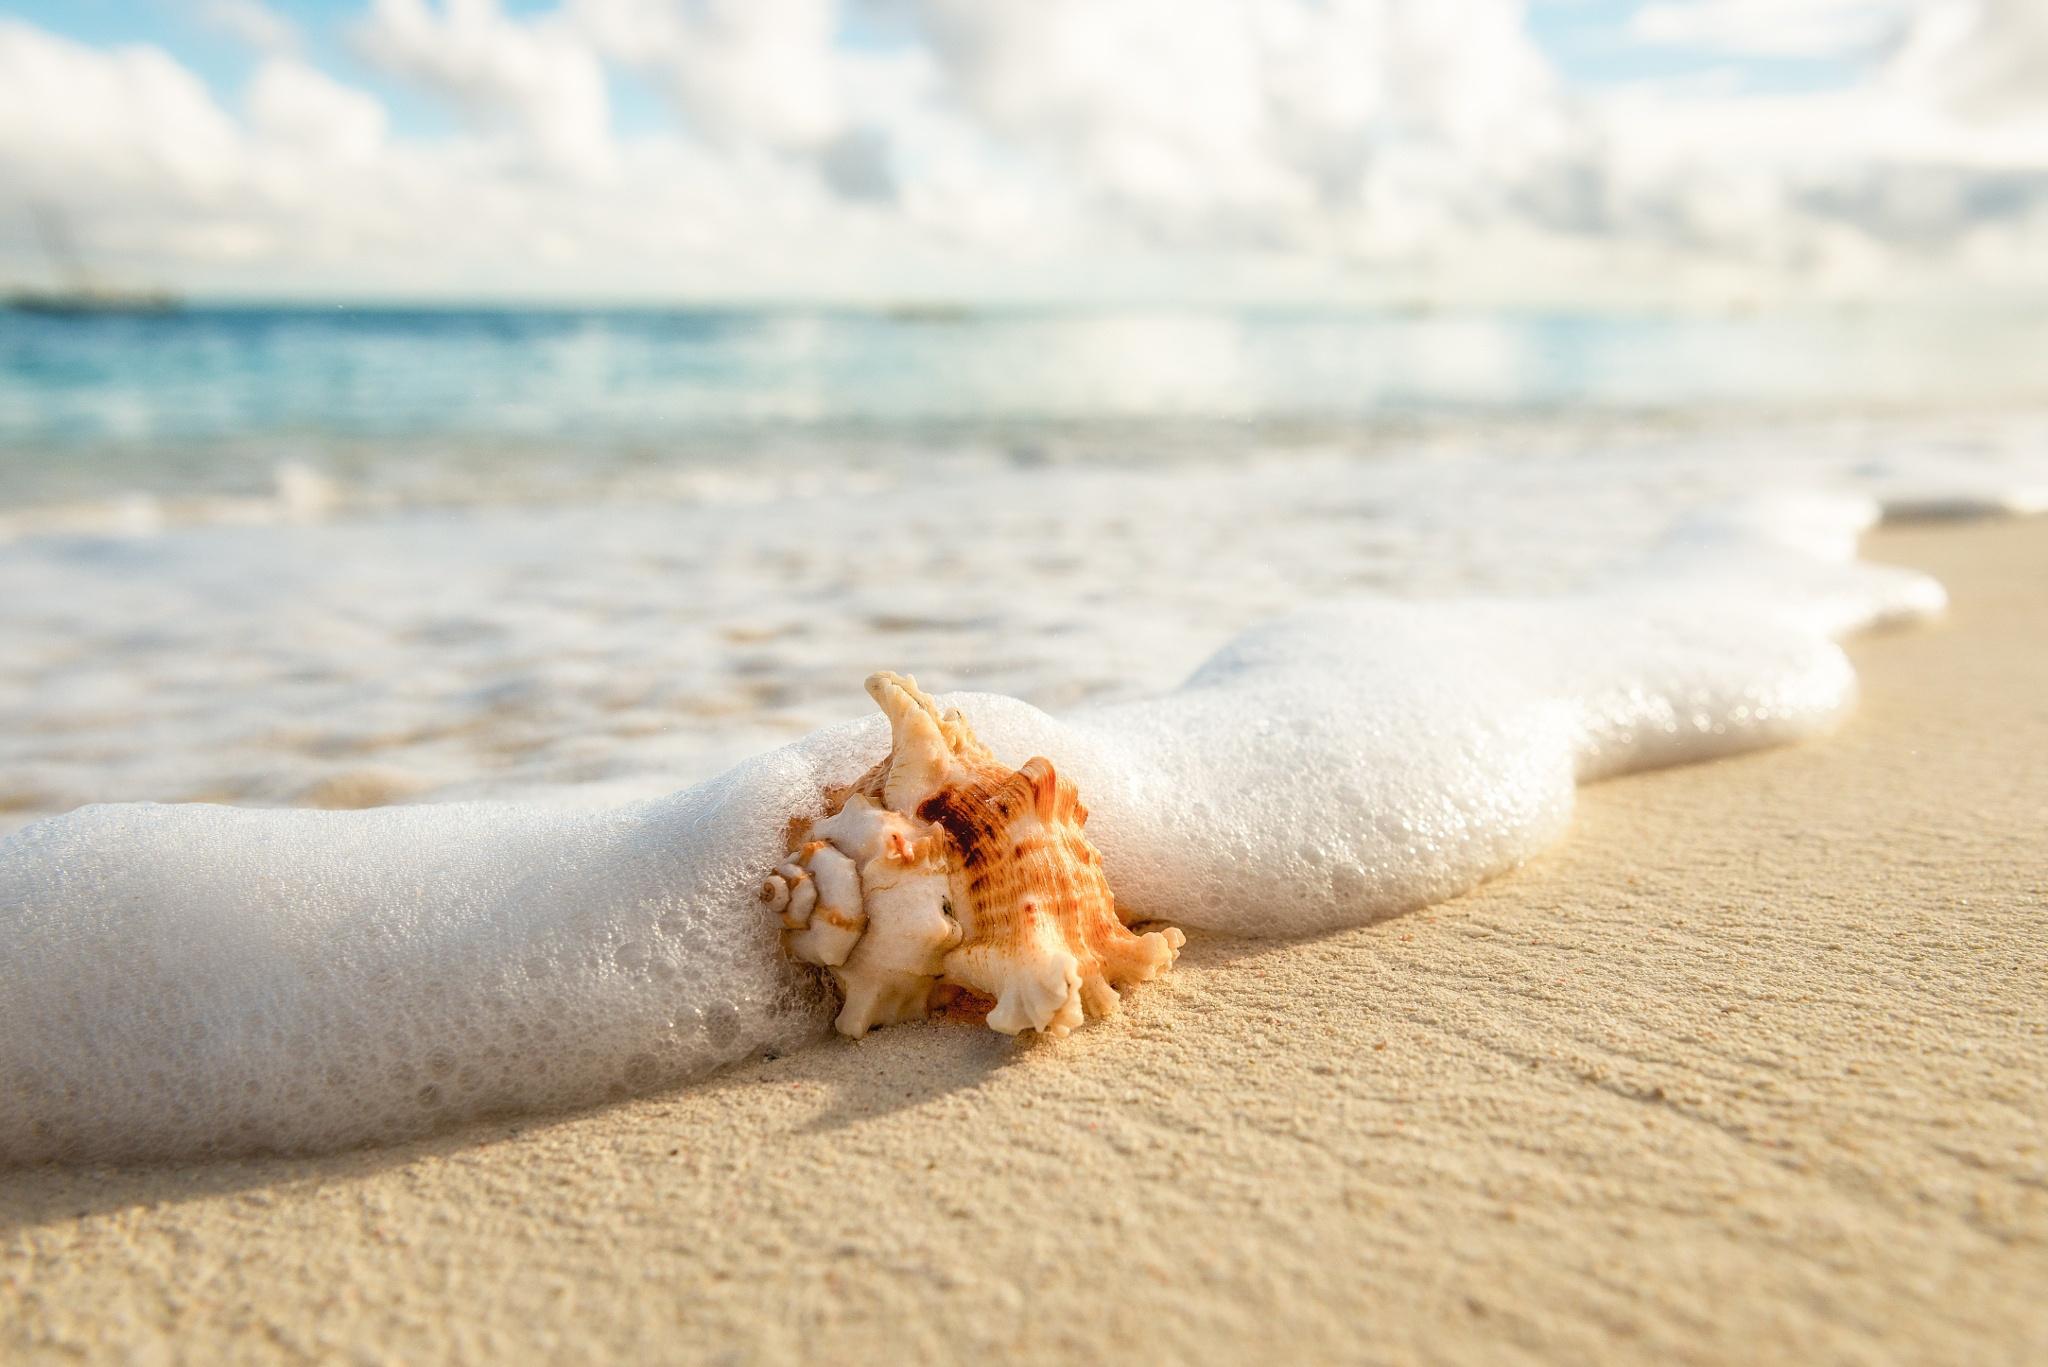 природа ракушка песок nature shell sand  № 1246775 загрузить